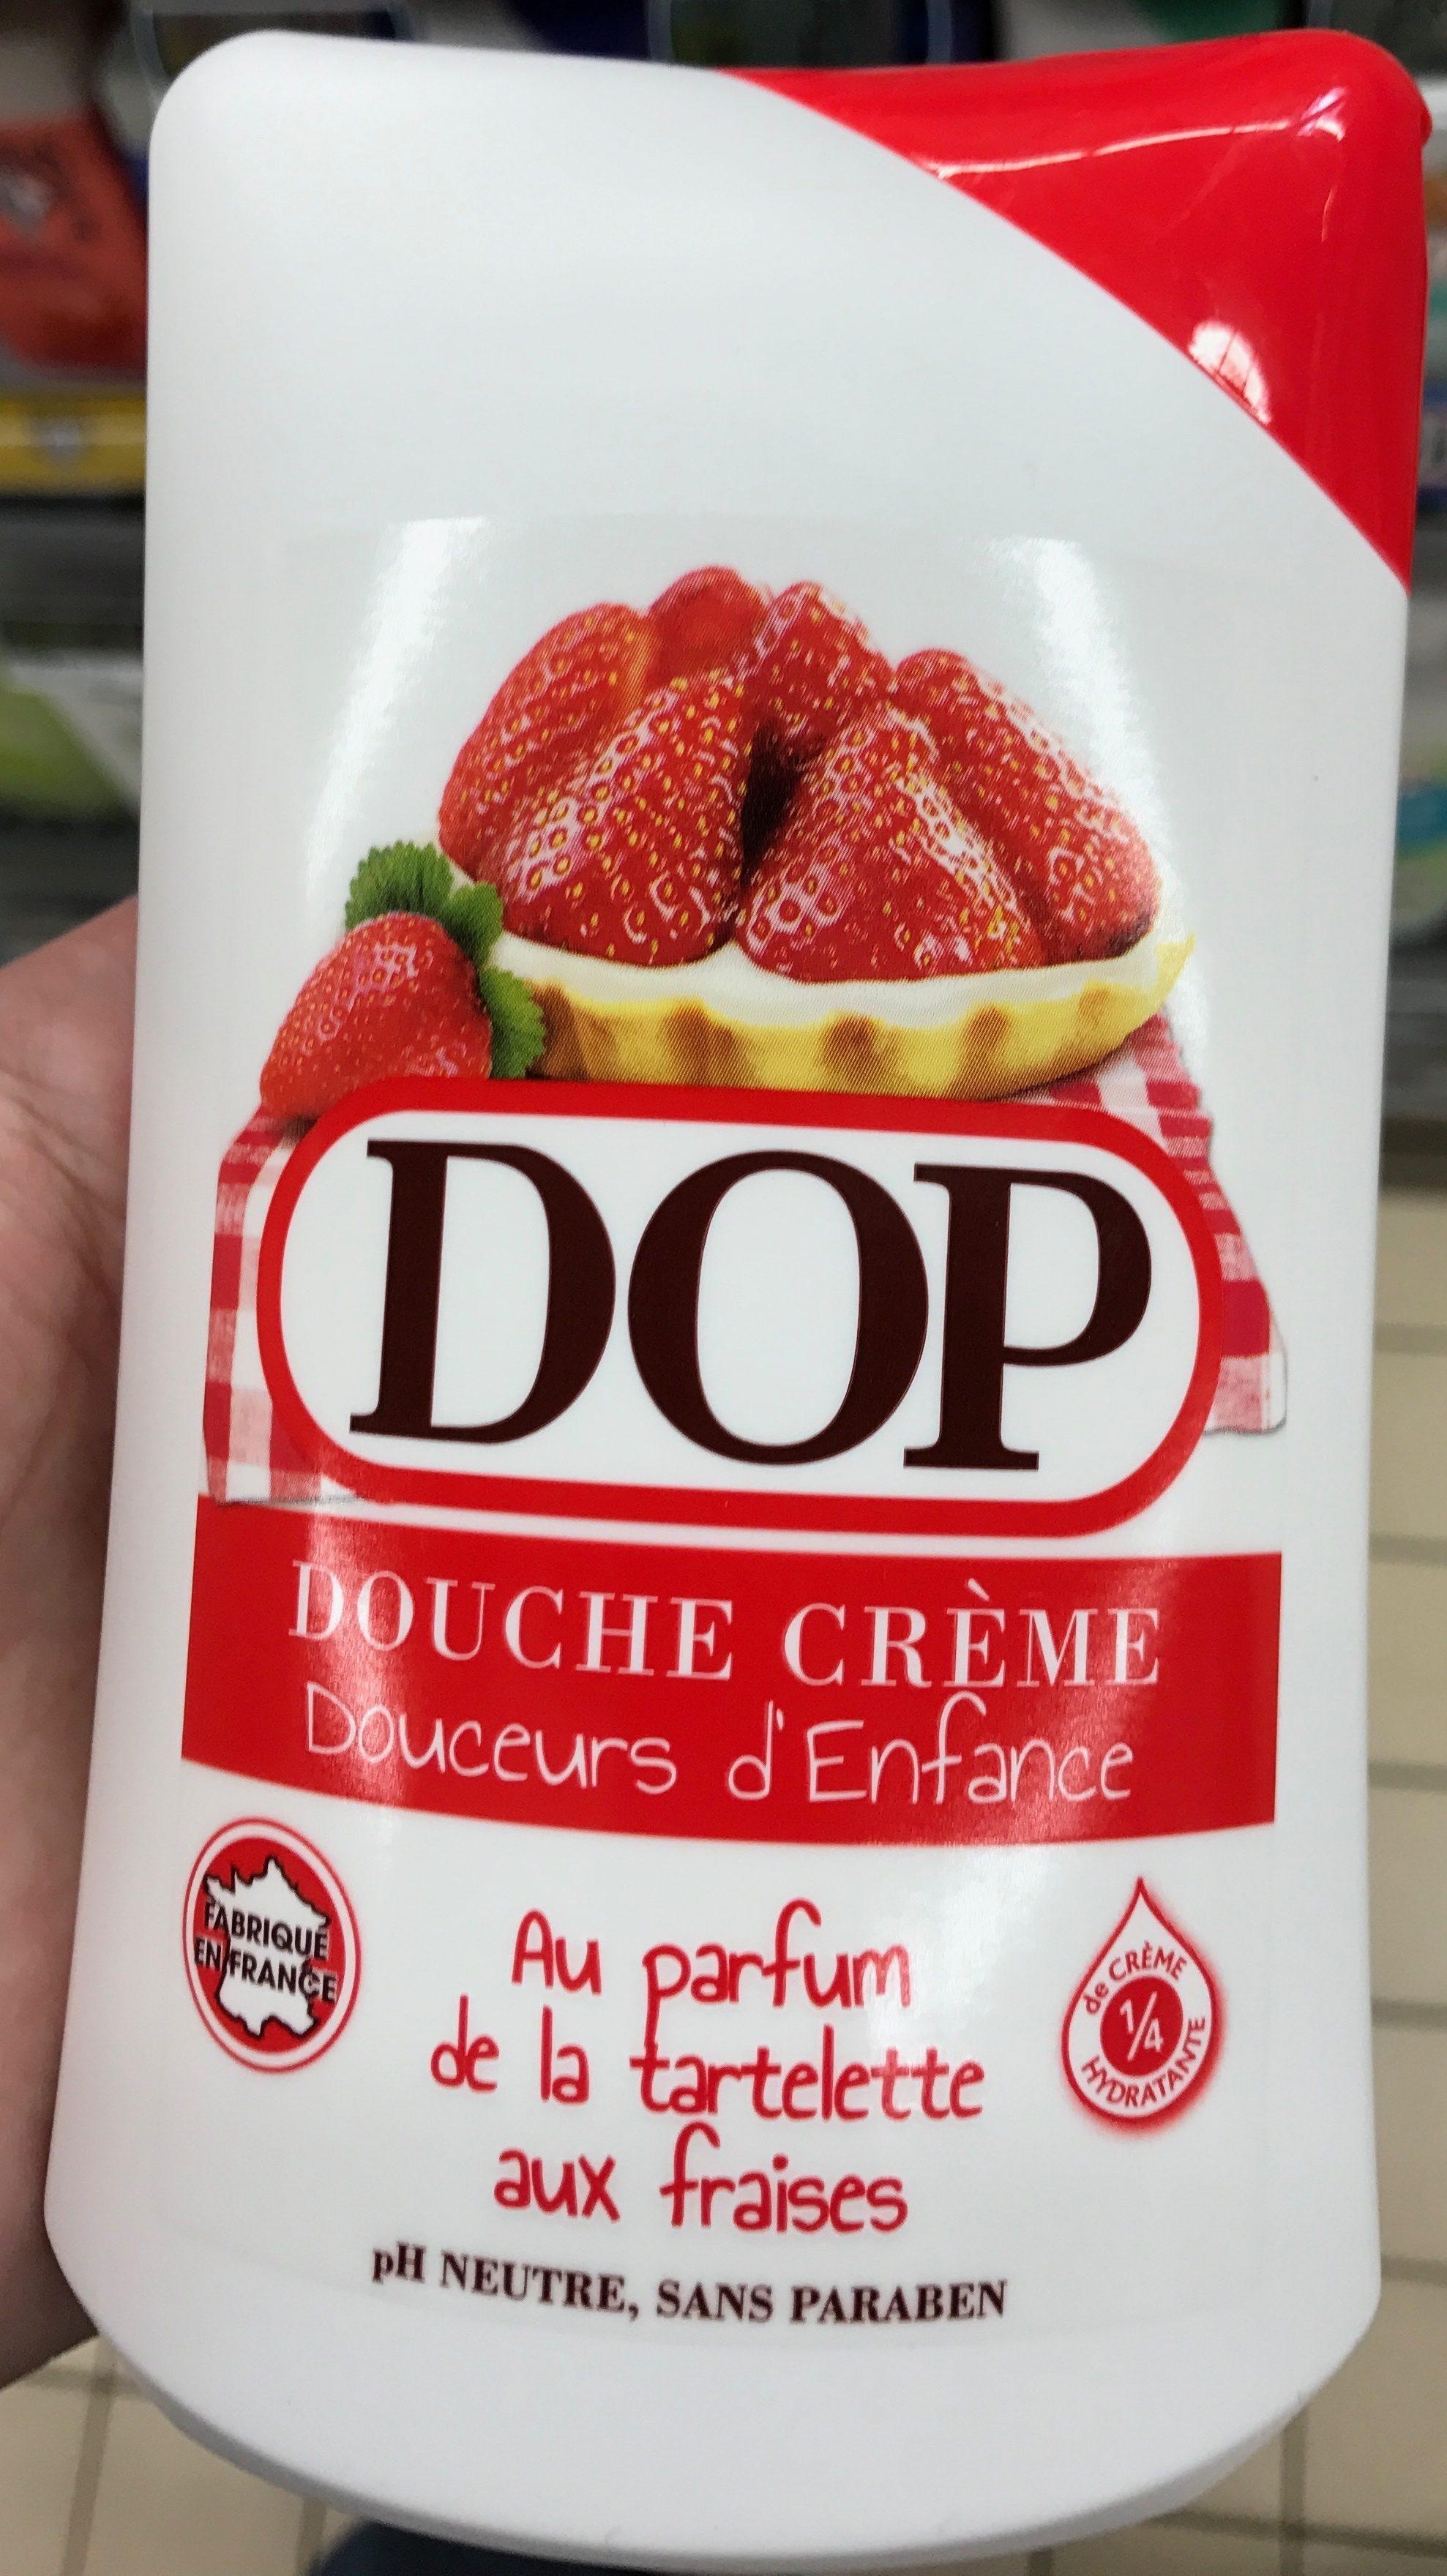 Douche Crème Douceurs d'Enfance au parfum de la tartelette - Product